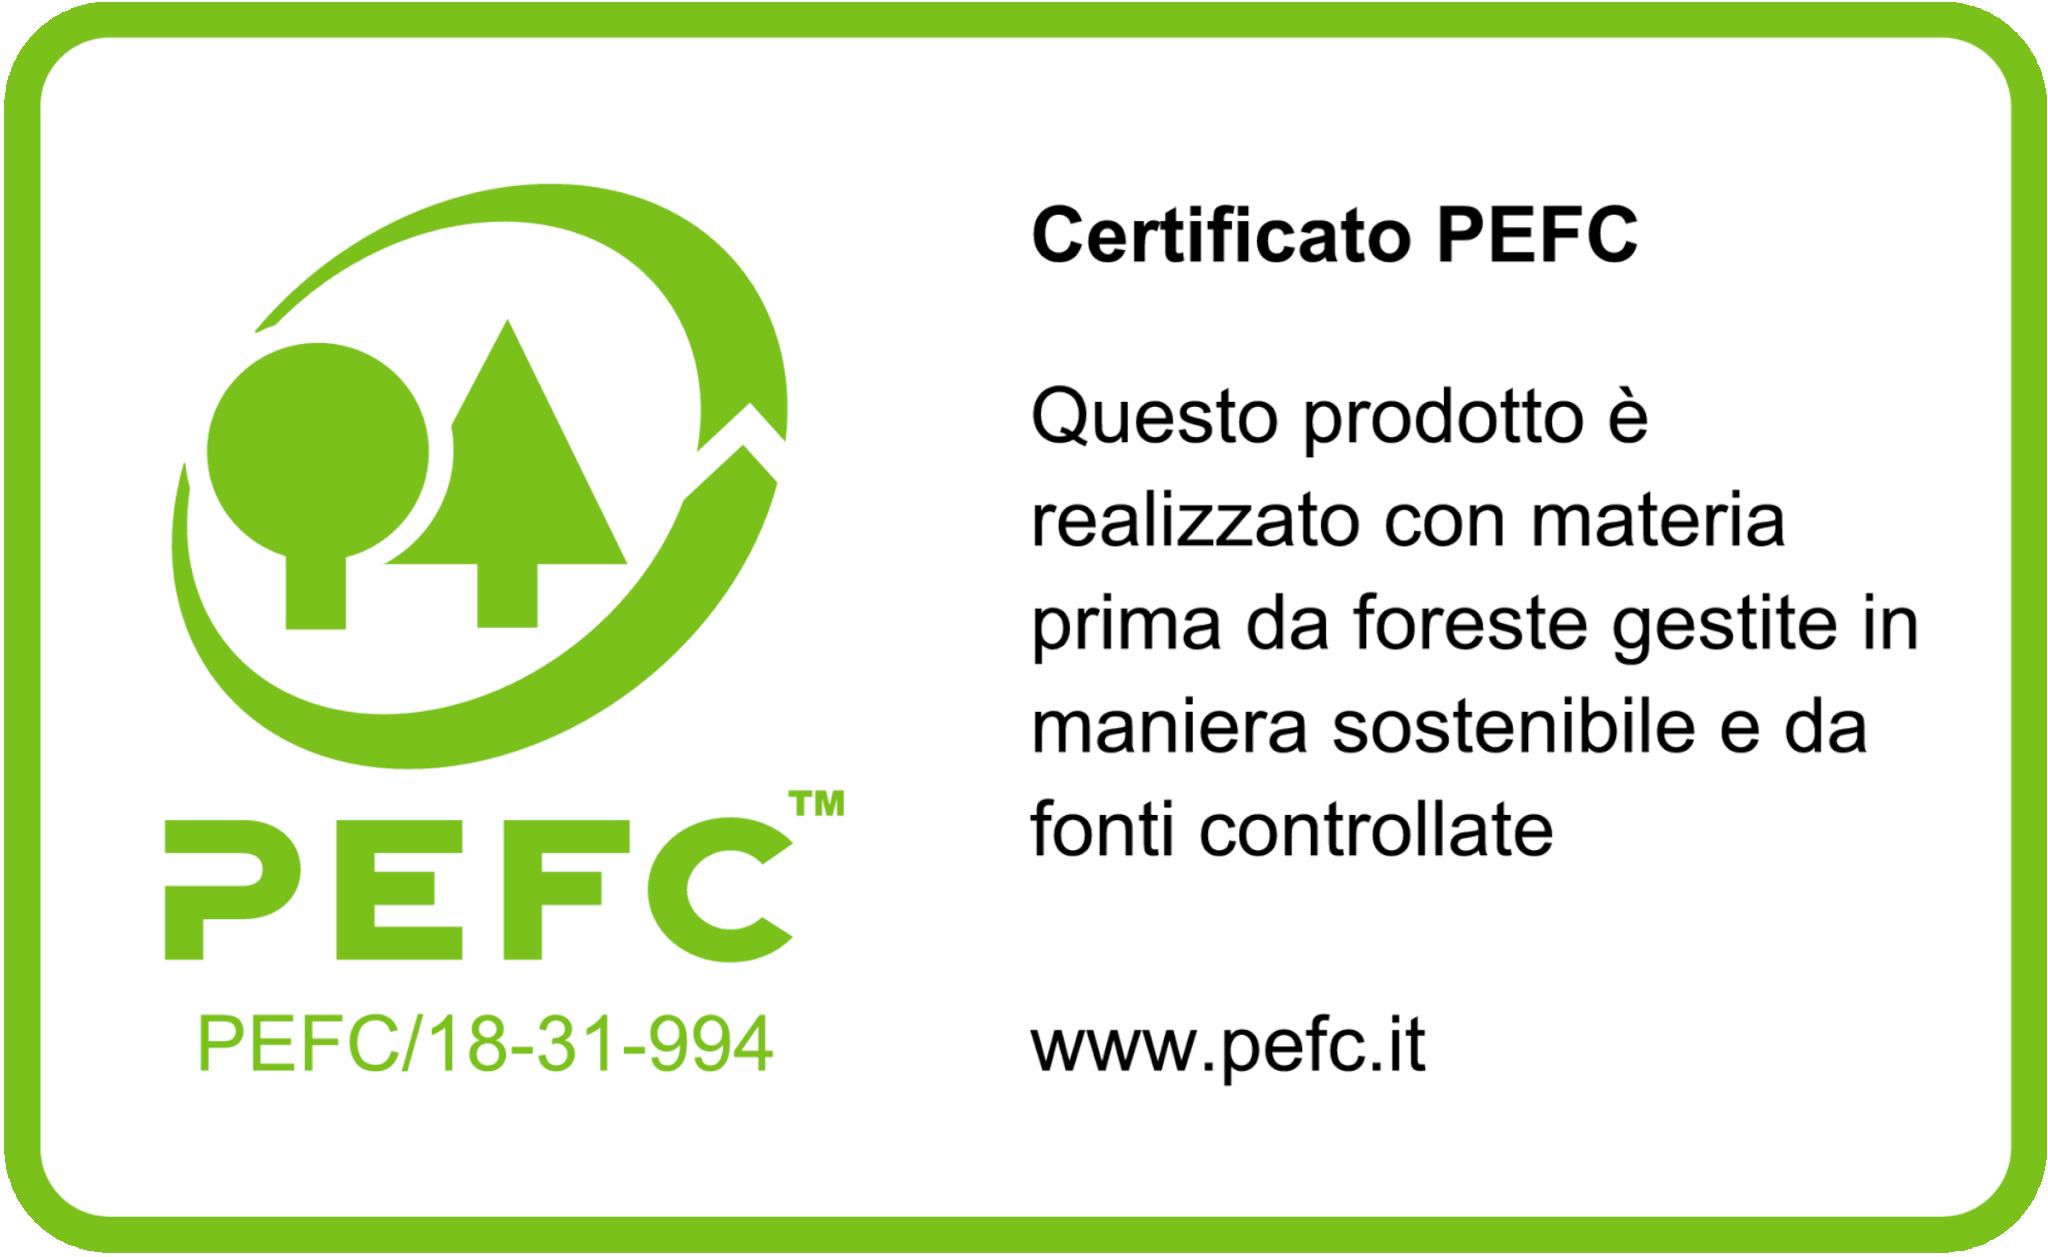 Certificato PEFC